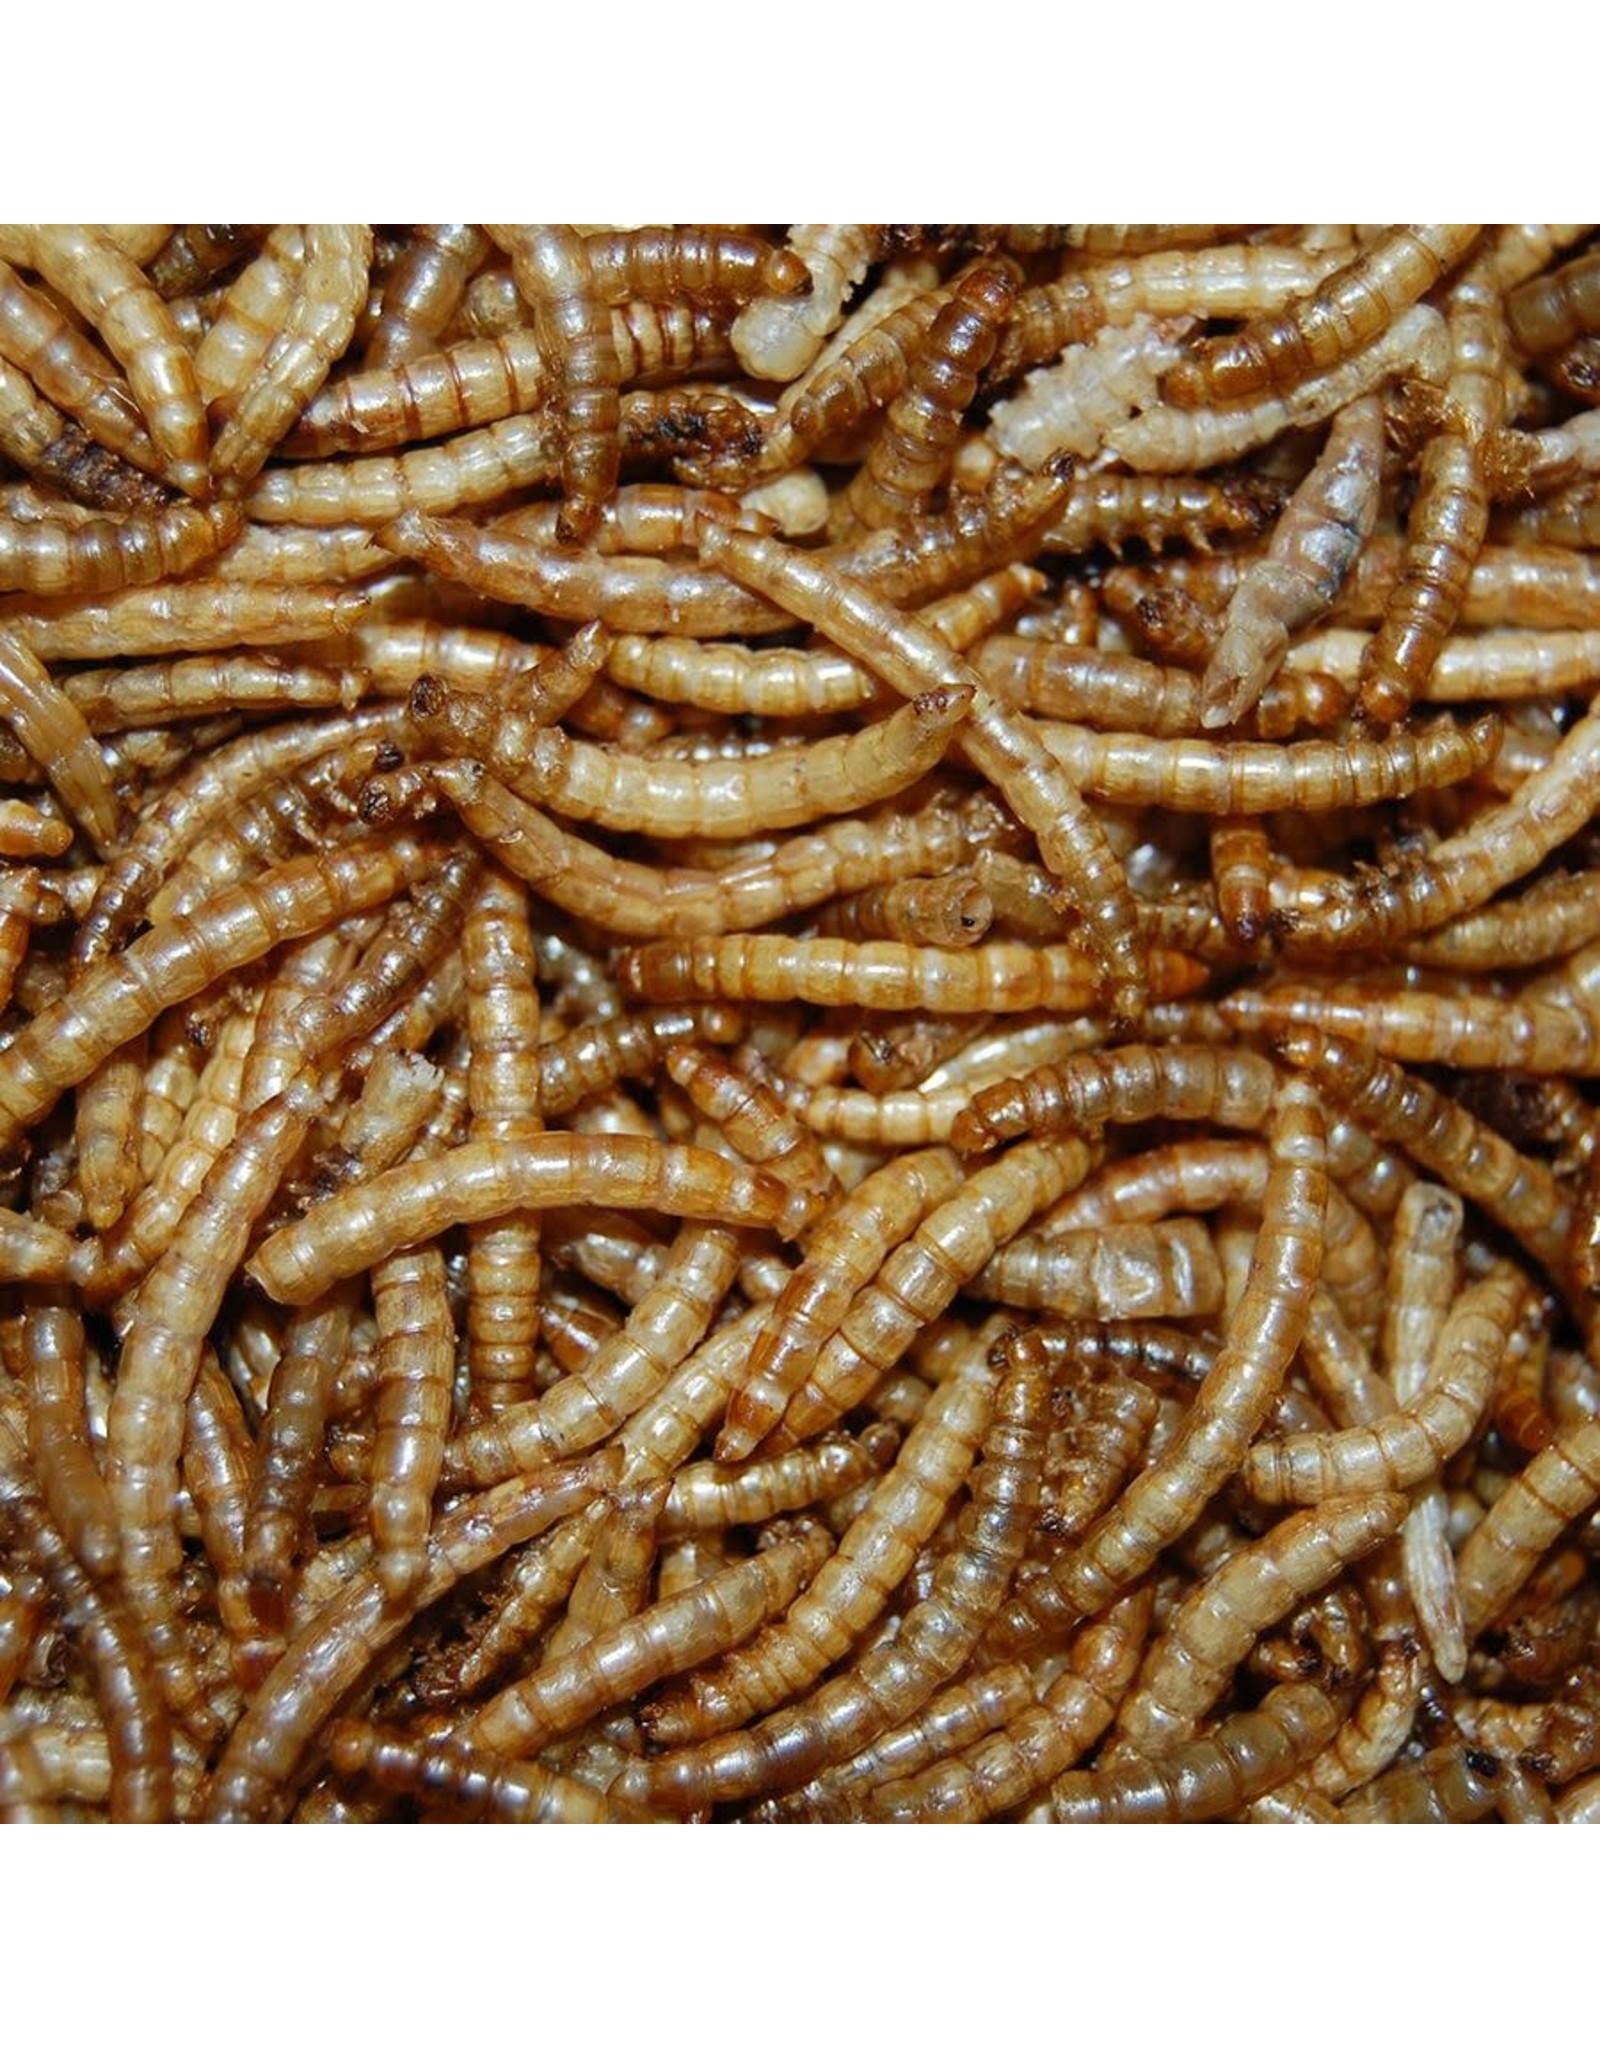 Meelwormen voor buitenvogels 2,5 liter